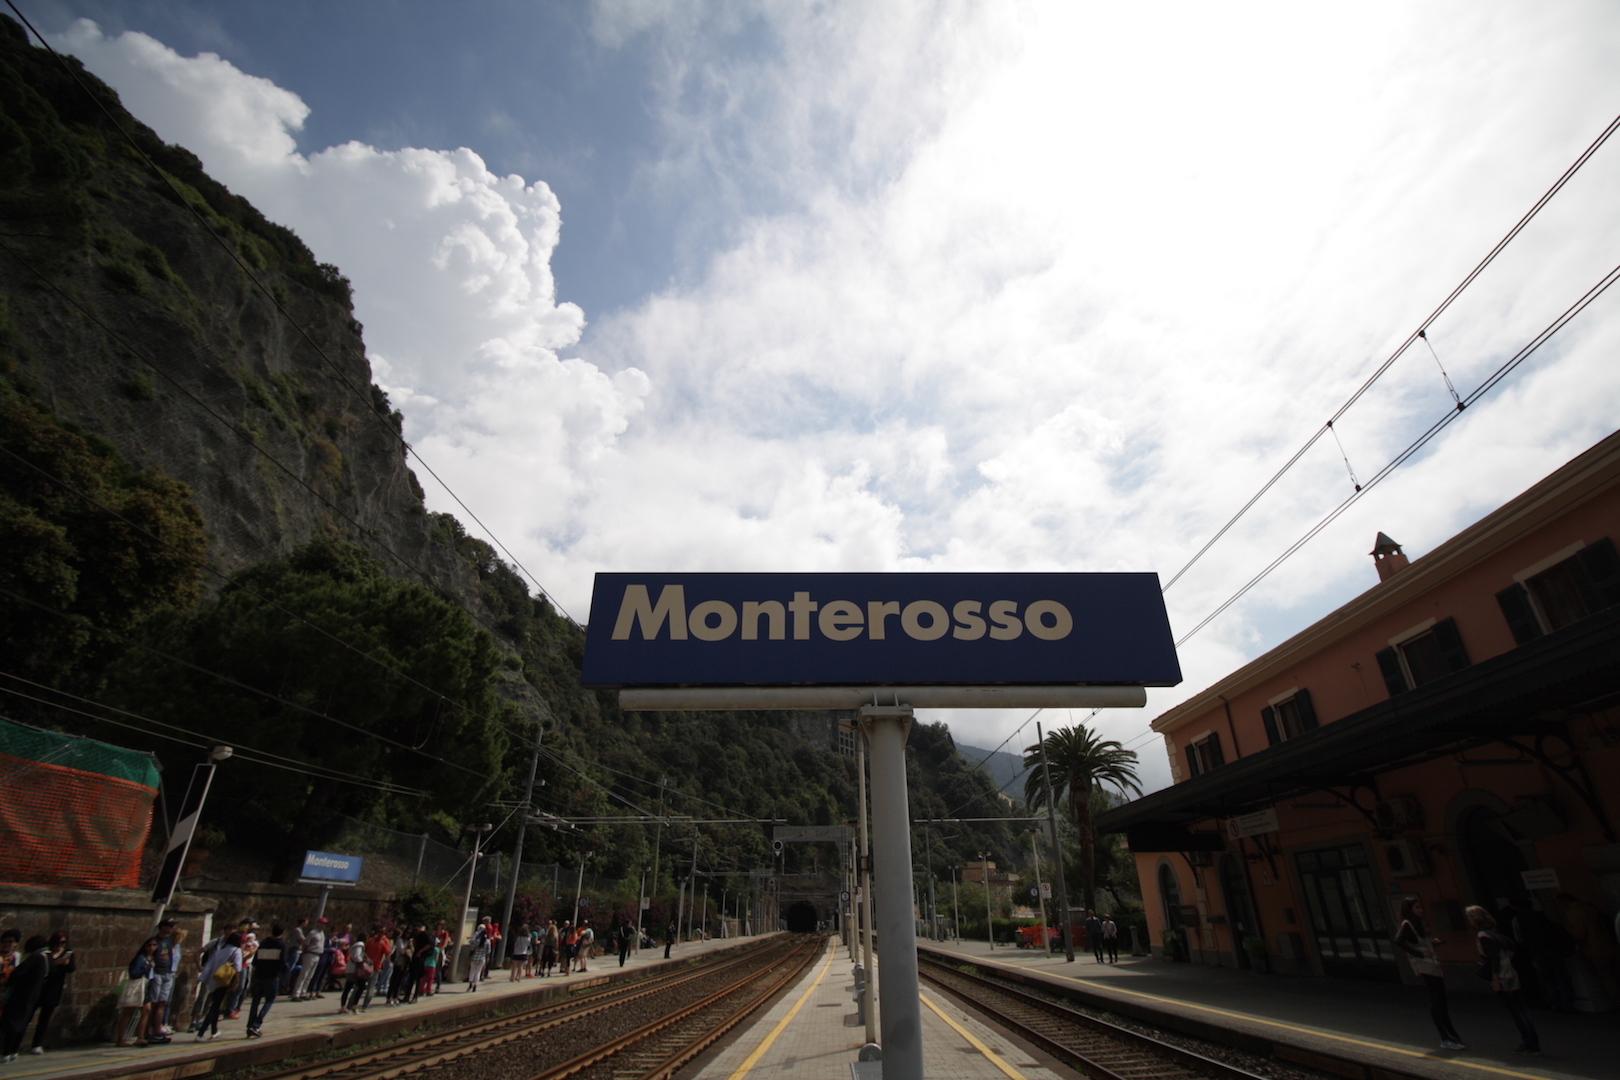 Appartamento in vendita a Monterosso al Mare, 2 locali, prezzo € 654.000 | CambioCasa.it